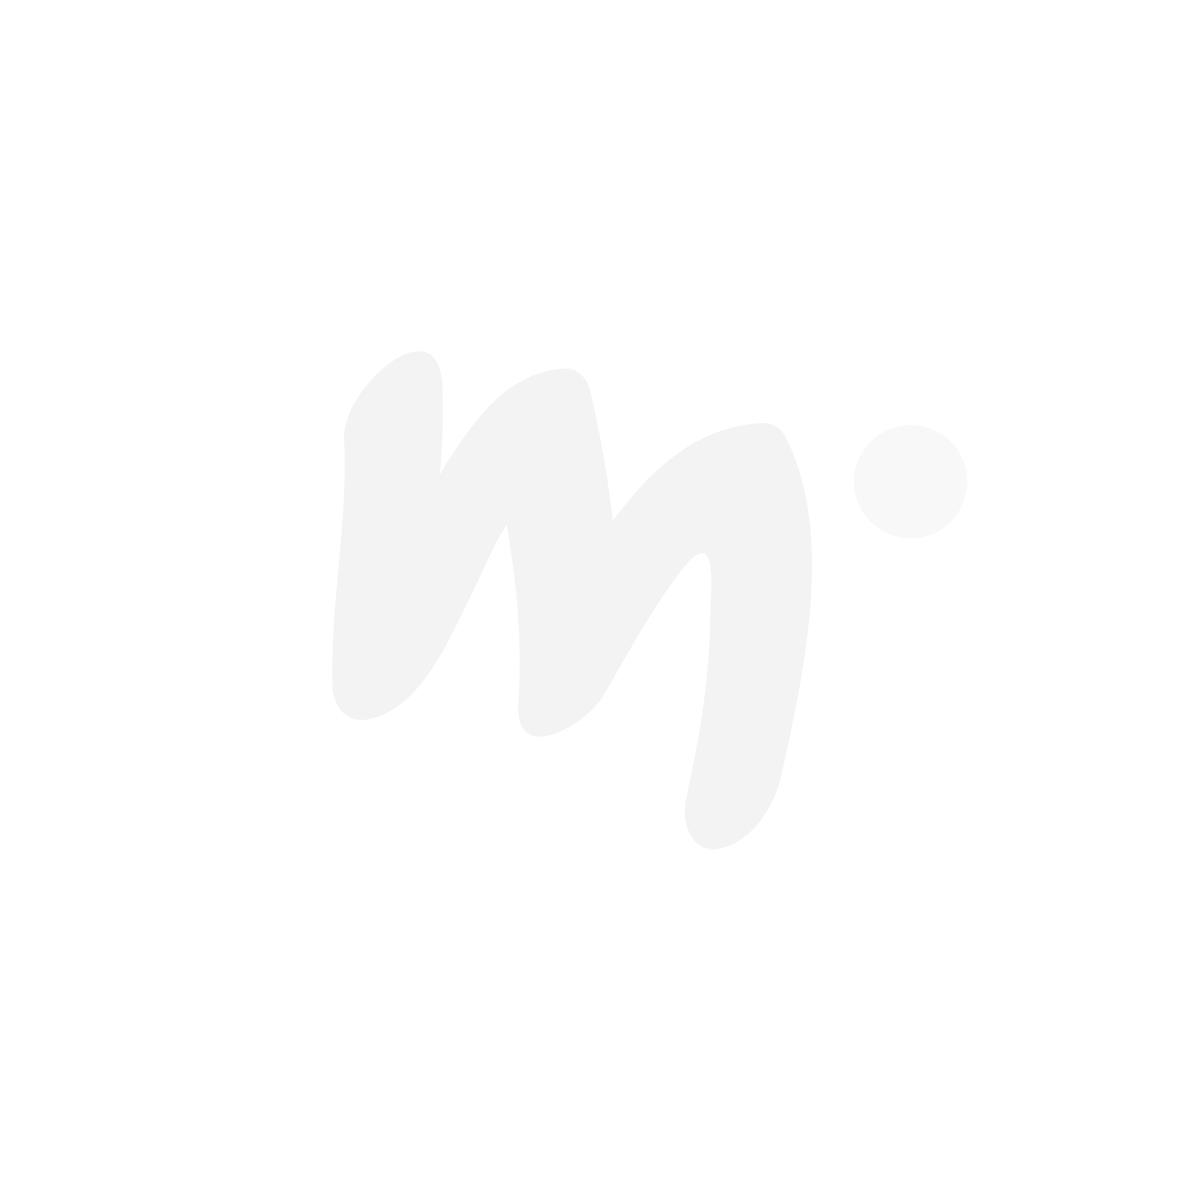 Moomin Snorkmaiden Swimsuit